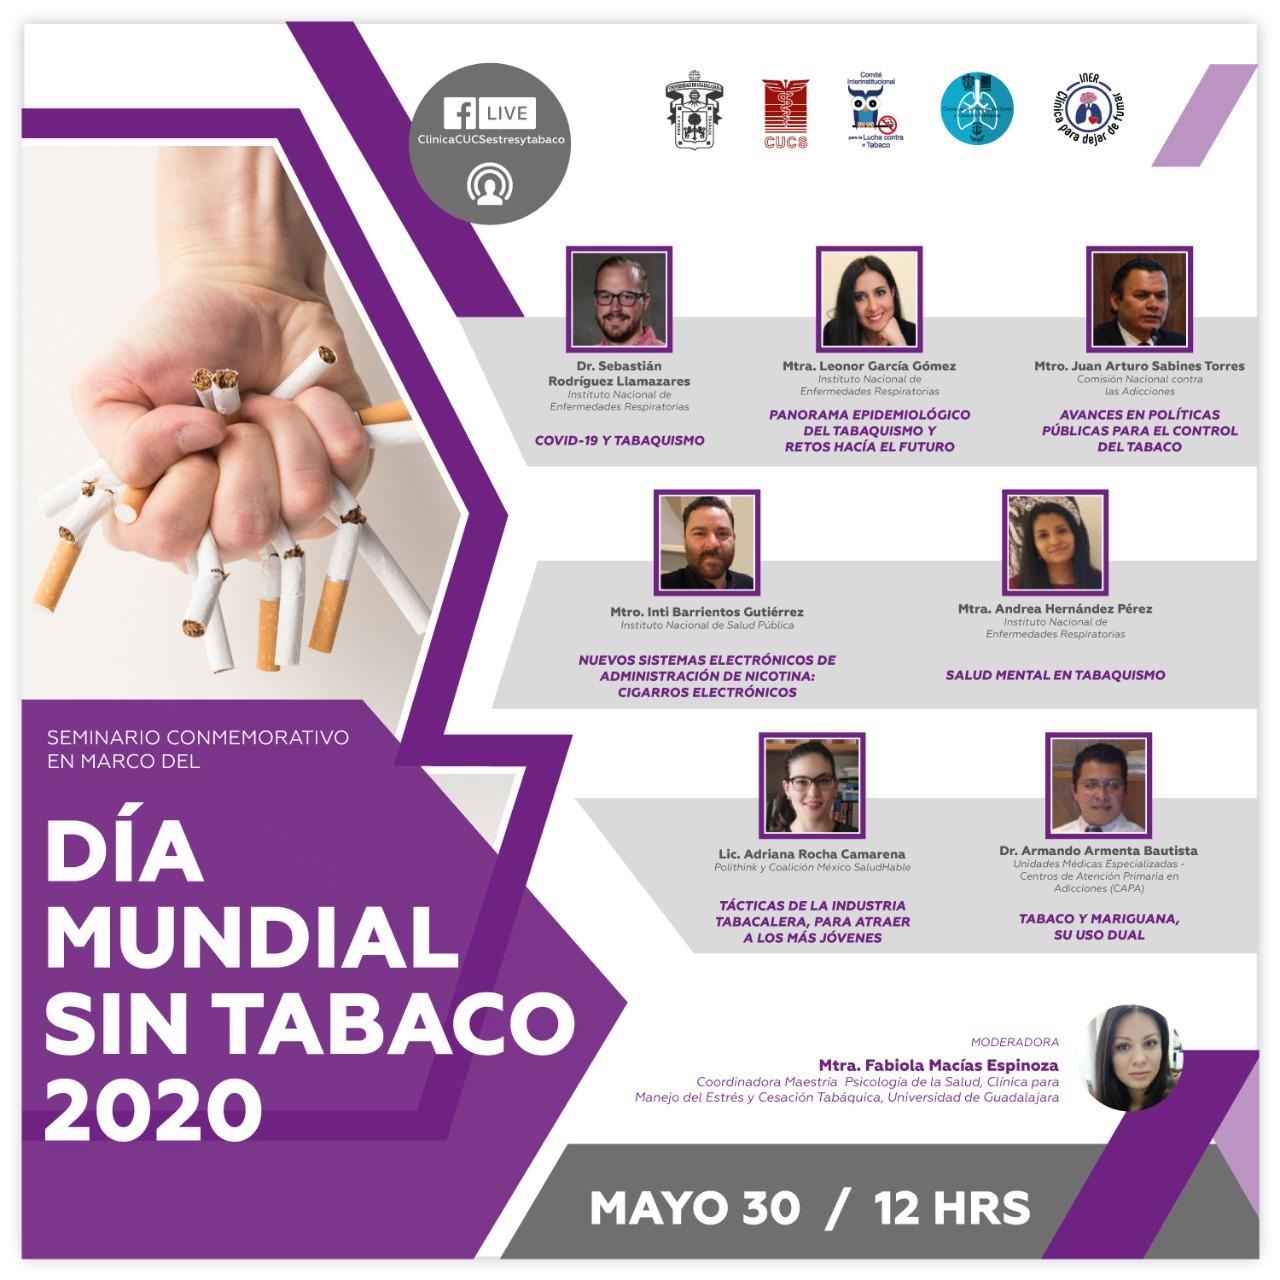 Banne promocional del Seminario Conmemorativo por el Día Mundial Sin Tabaco